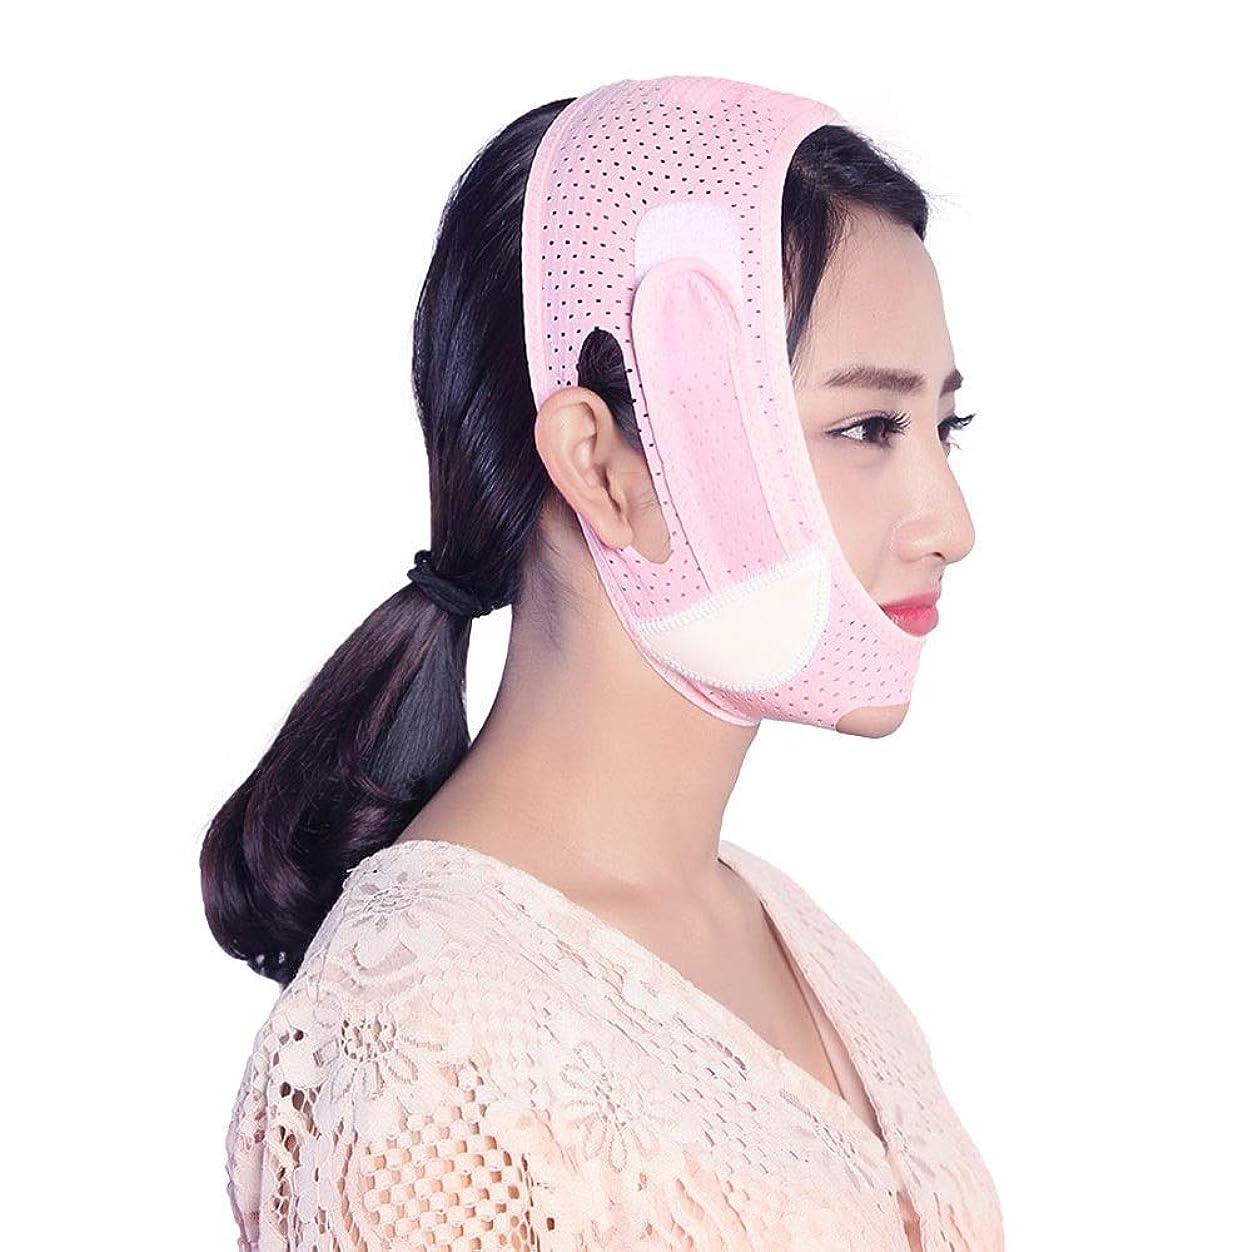 上級洗う発疹睡眠薄い顔パッチ包帯吊り上げプルv顔引き締めどころアーティファクト判決パターン二重あご薄いマッセルマスク - ピンク